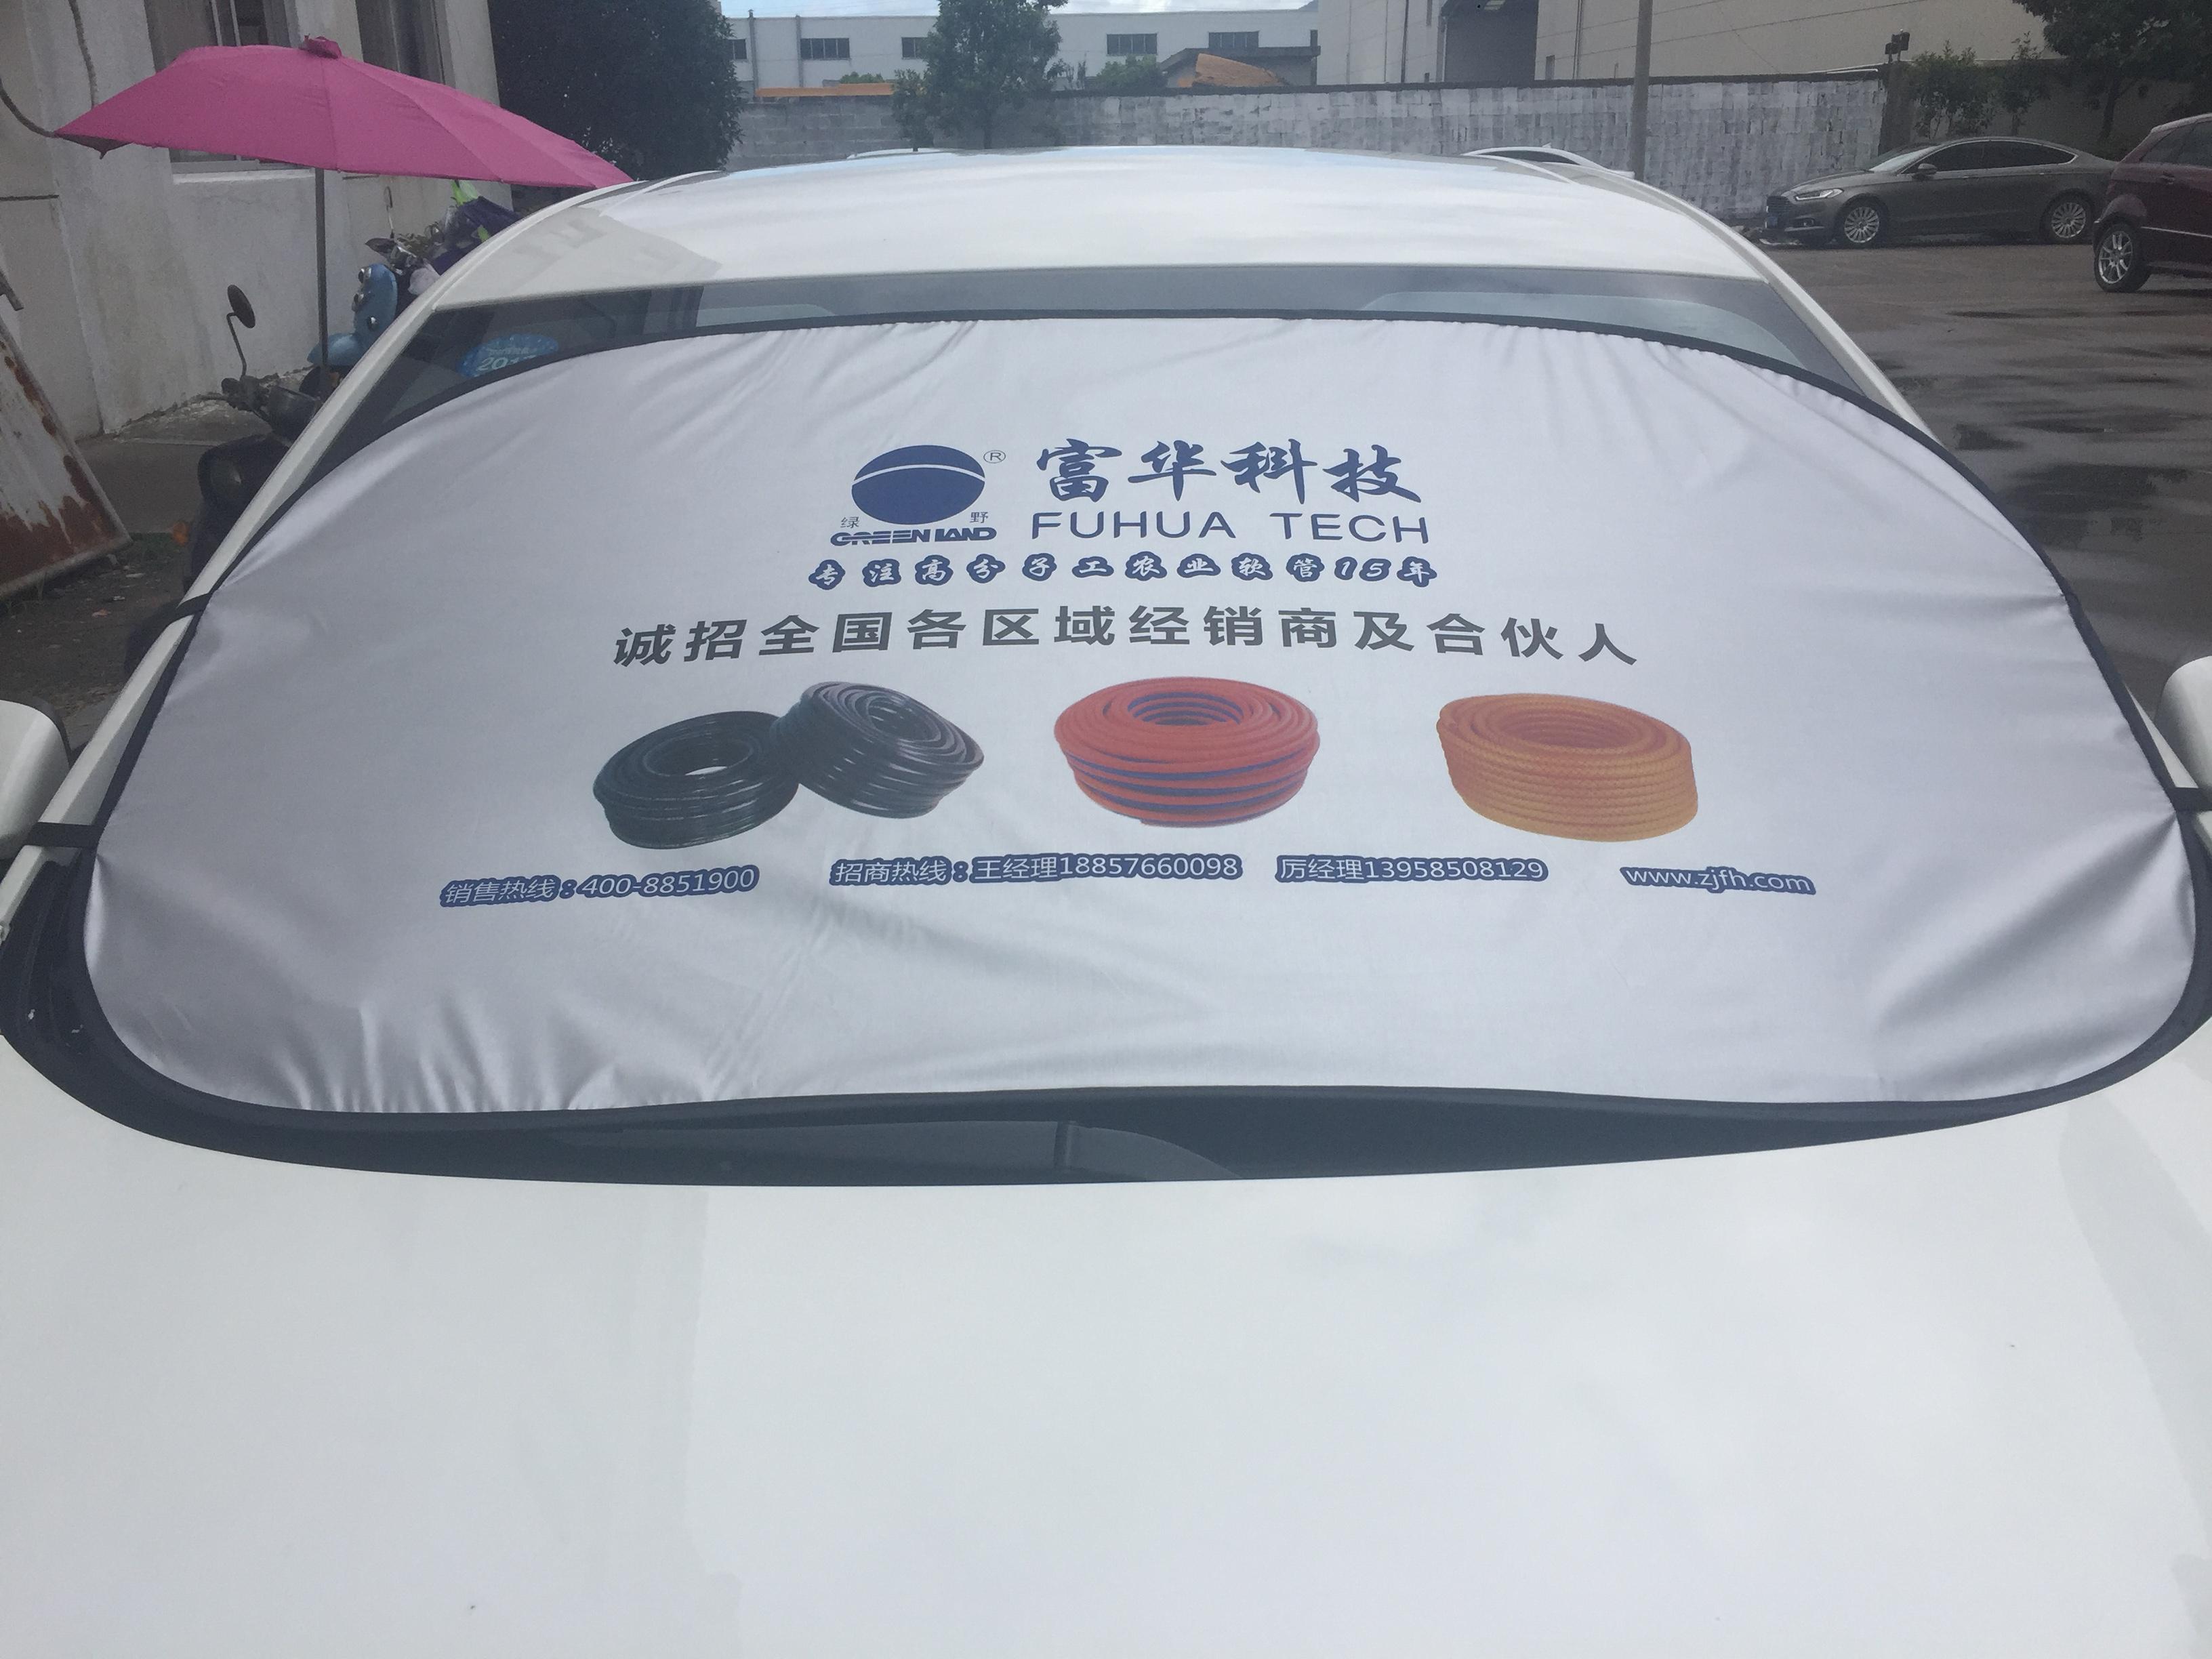 слънцезащитен крем, изолация, преди колата блокира носехте по поръчка на мак слънцето запазването на сенника надписи отпечатани лого